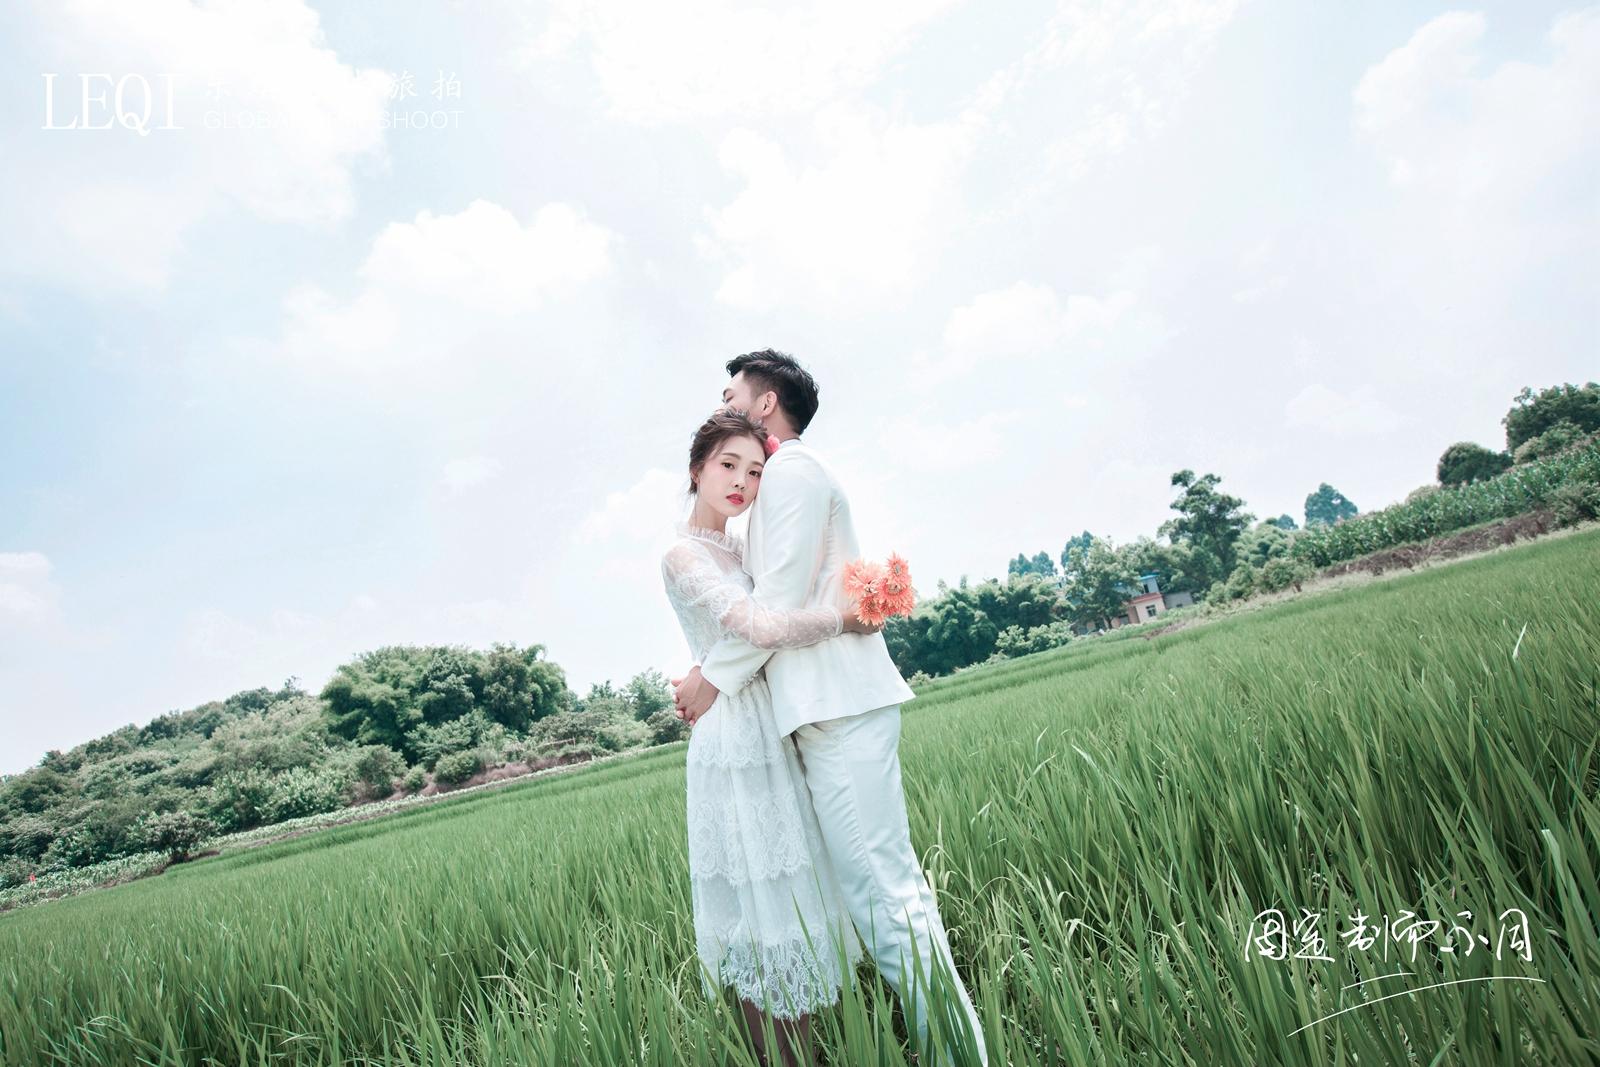 【晒一晒】2018年我的森系婚纱照.图片